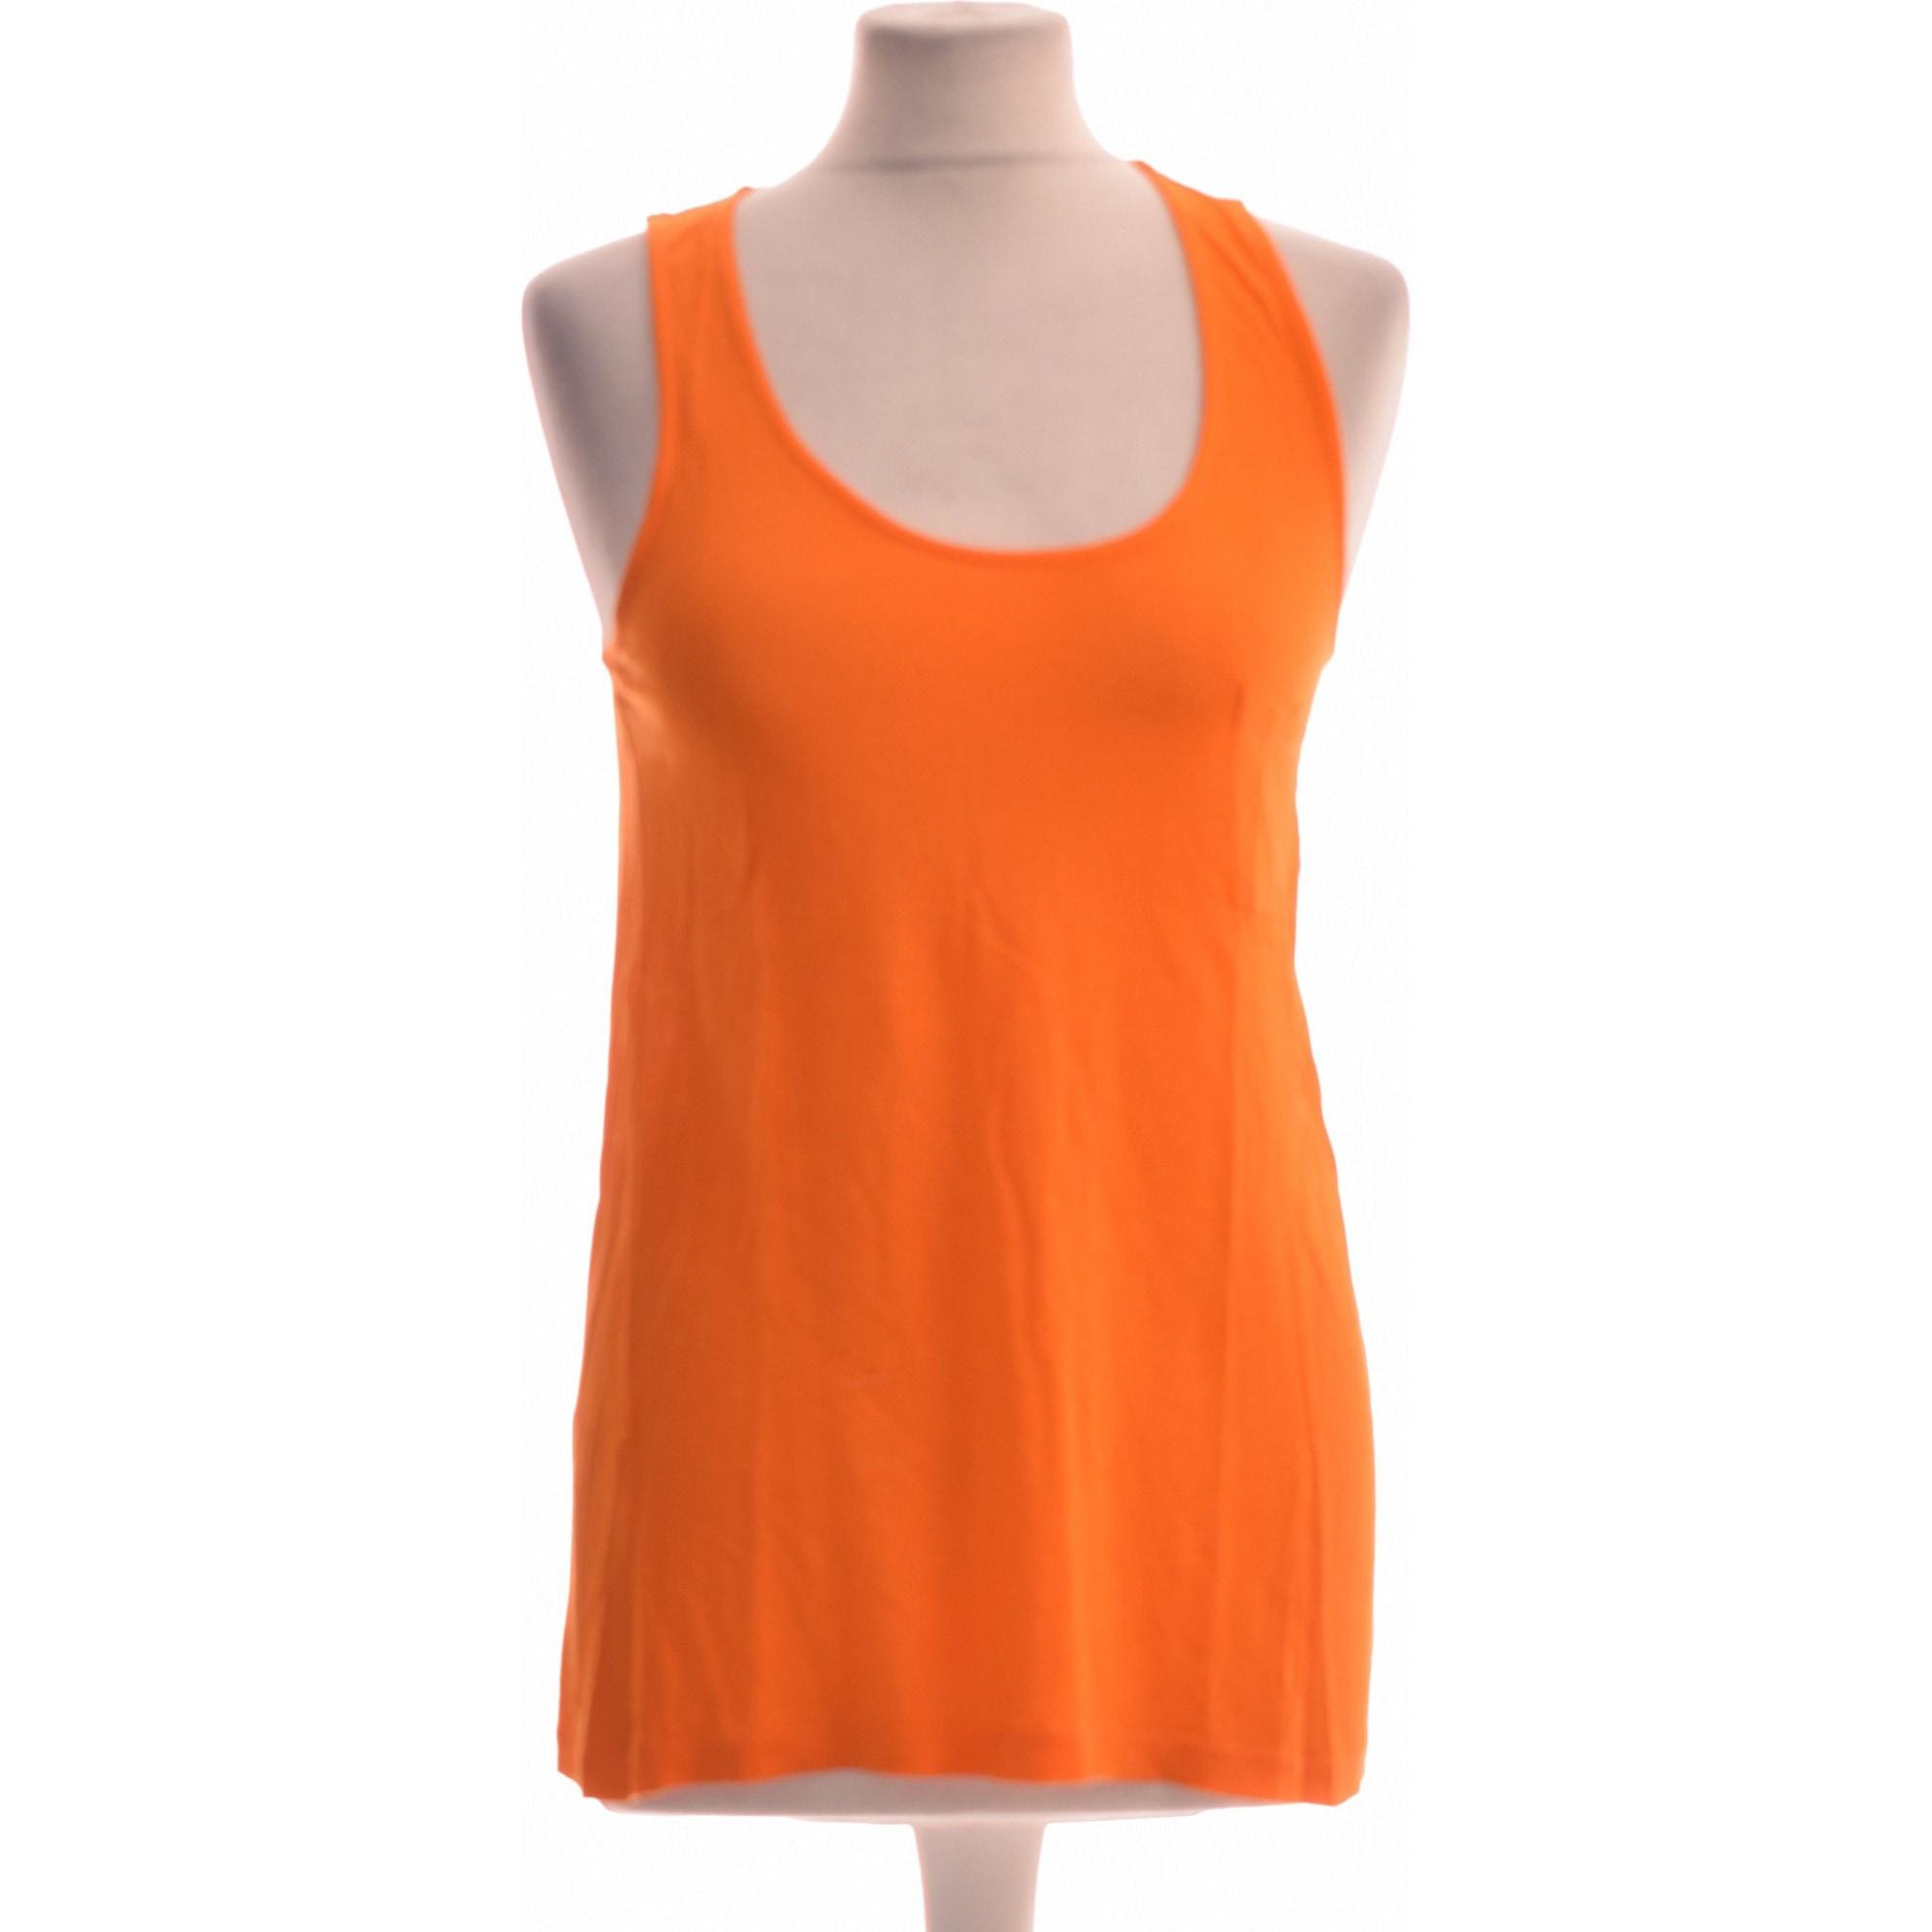 Débardeur COS Orange